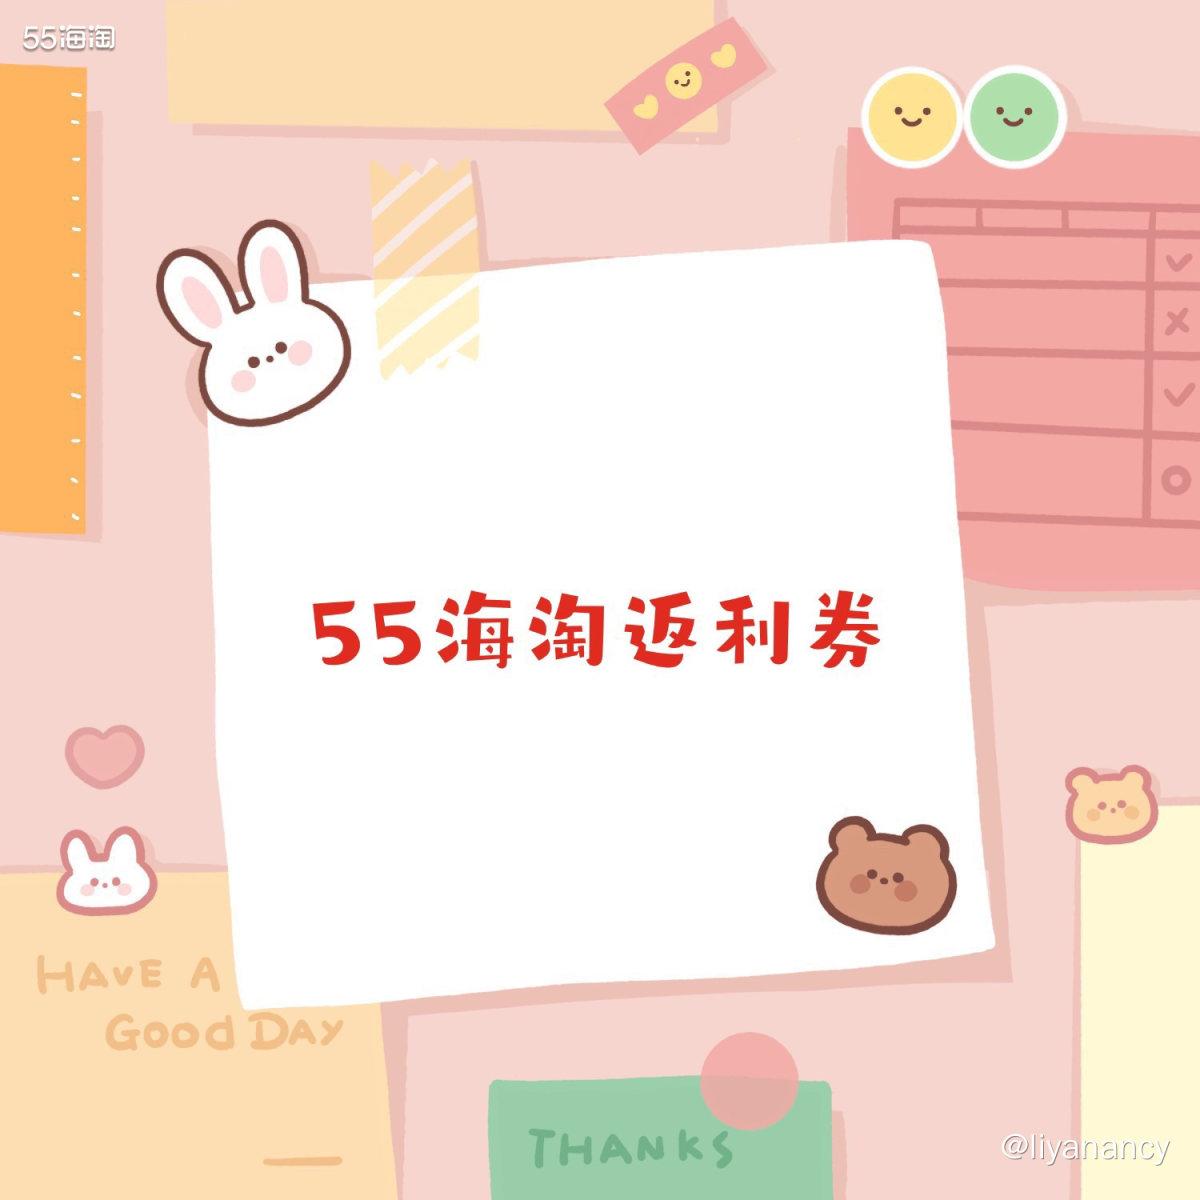 #55海淘买家秀#55海淘返利券  ✨虽然是一个不爱上班的礼